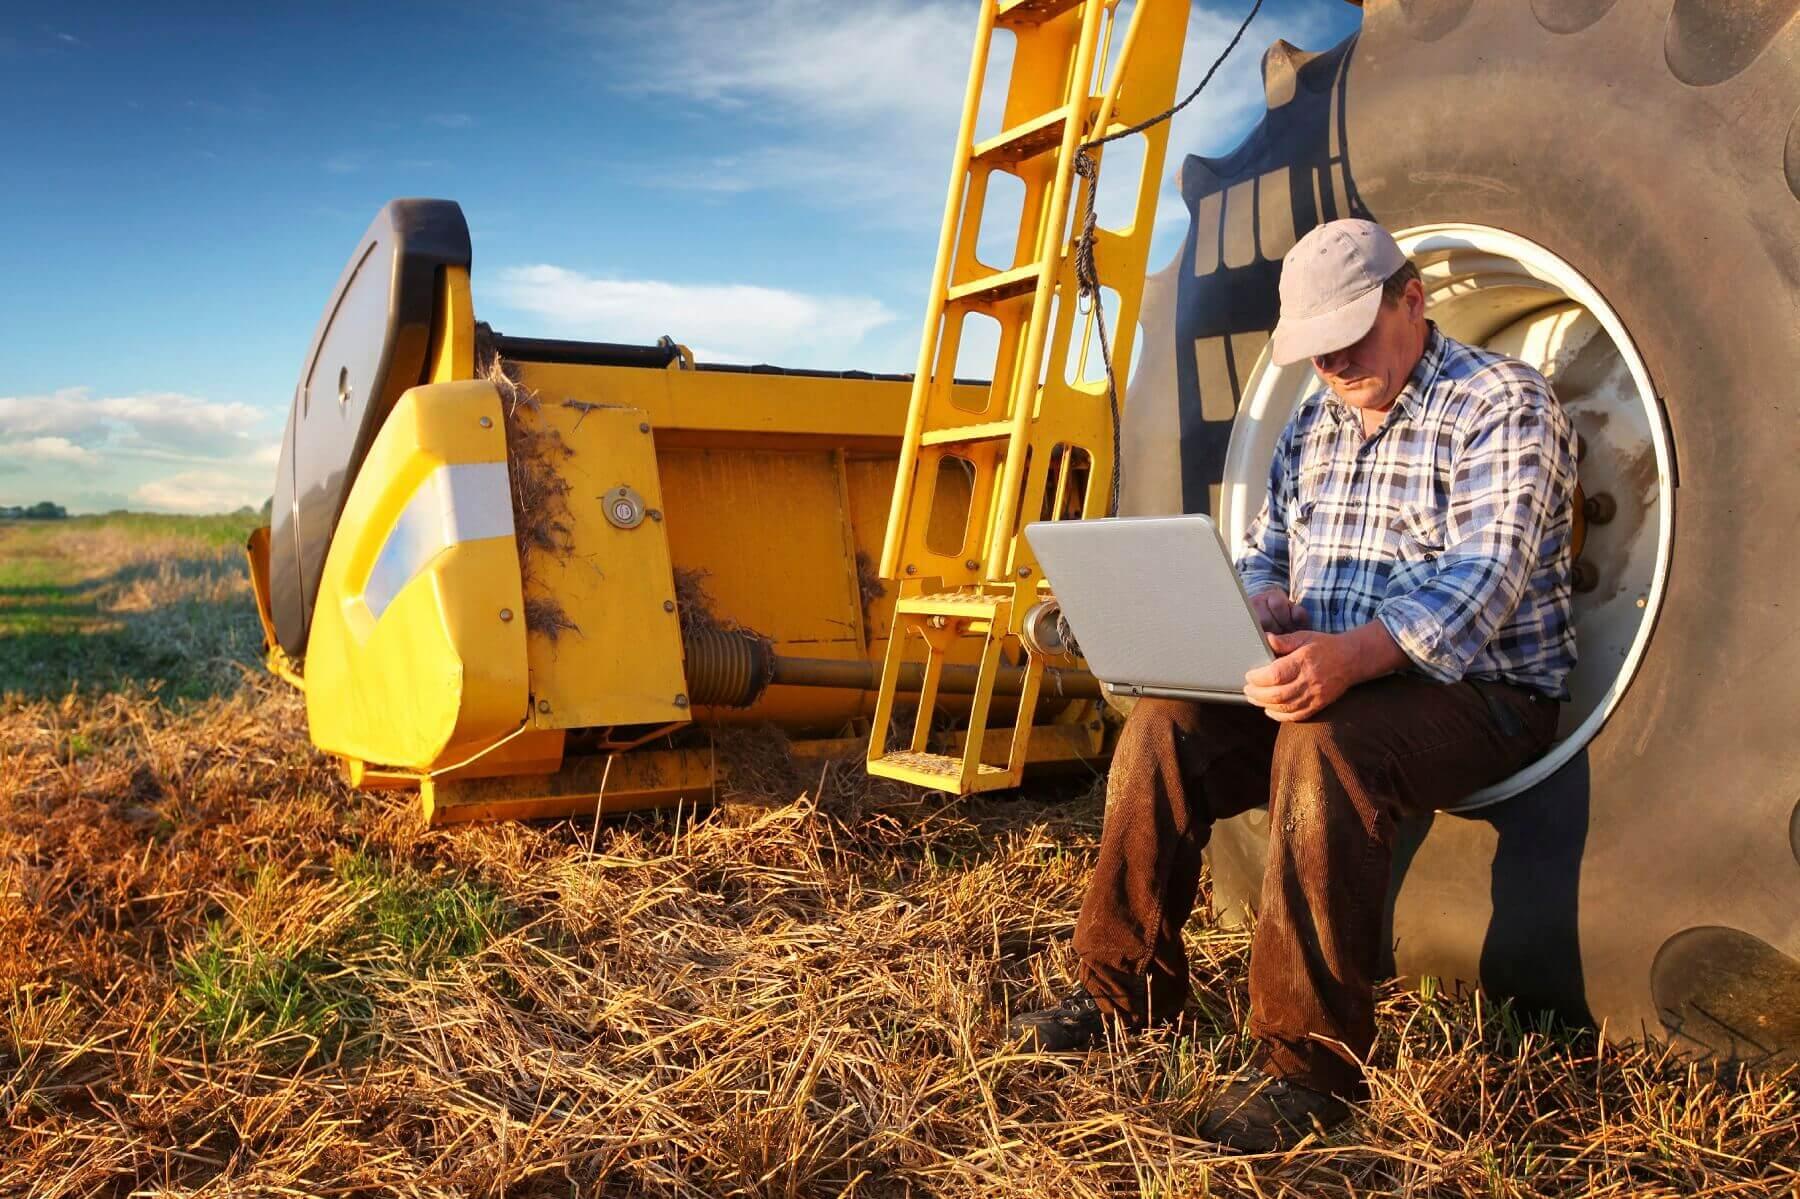 Sistema de gestão rural: conheça o software agrícola MyFarm